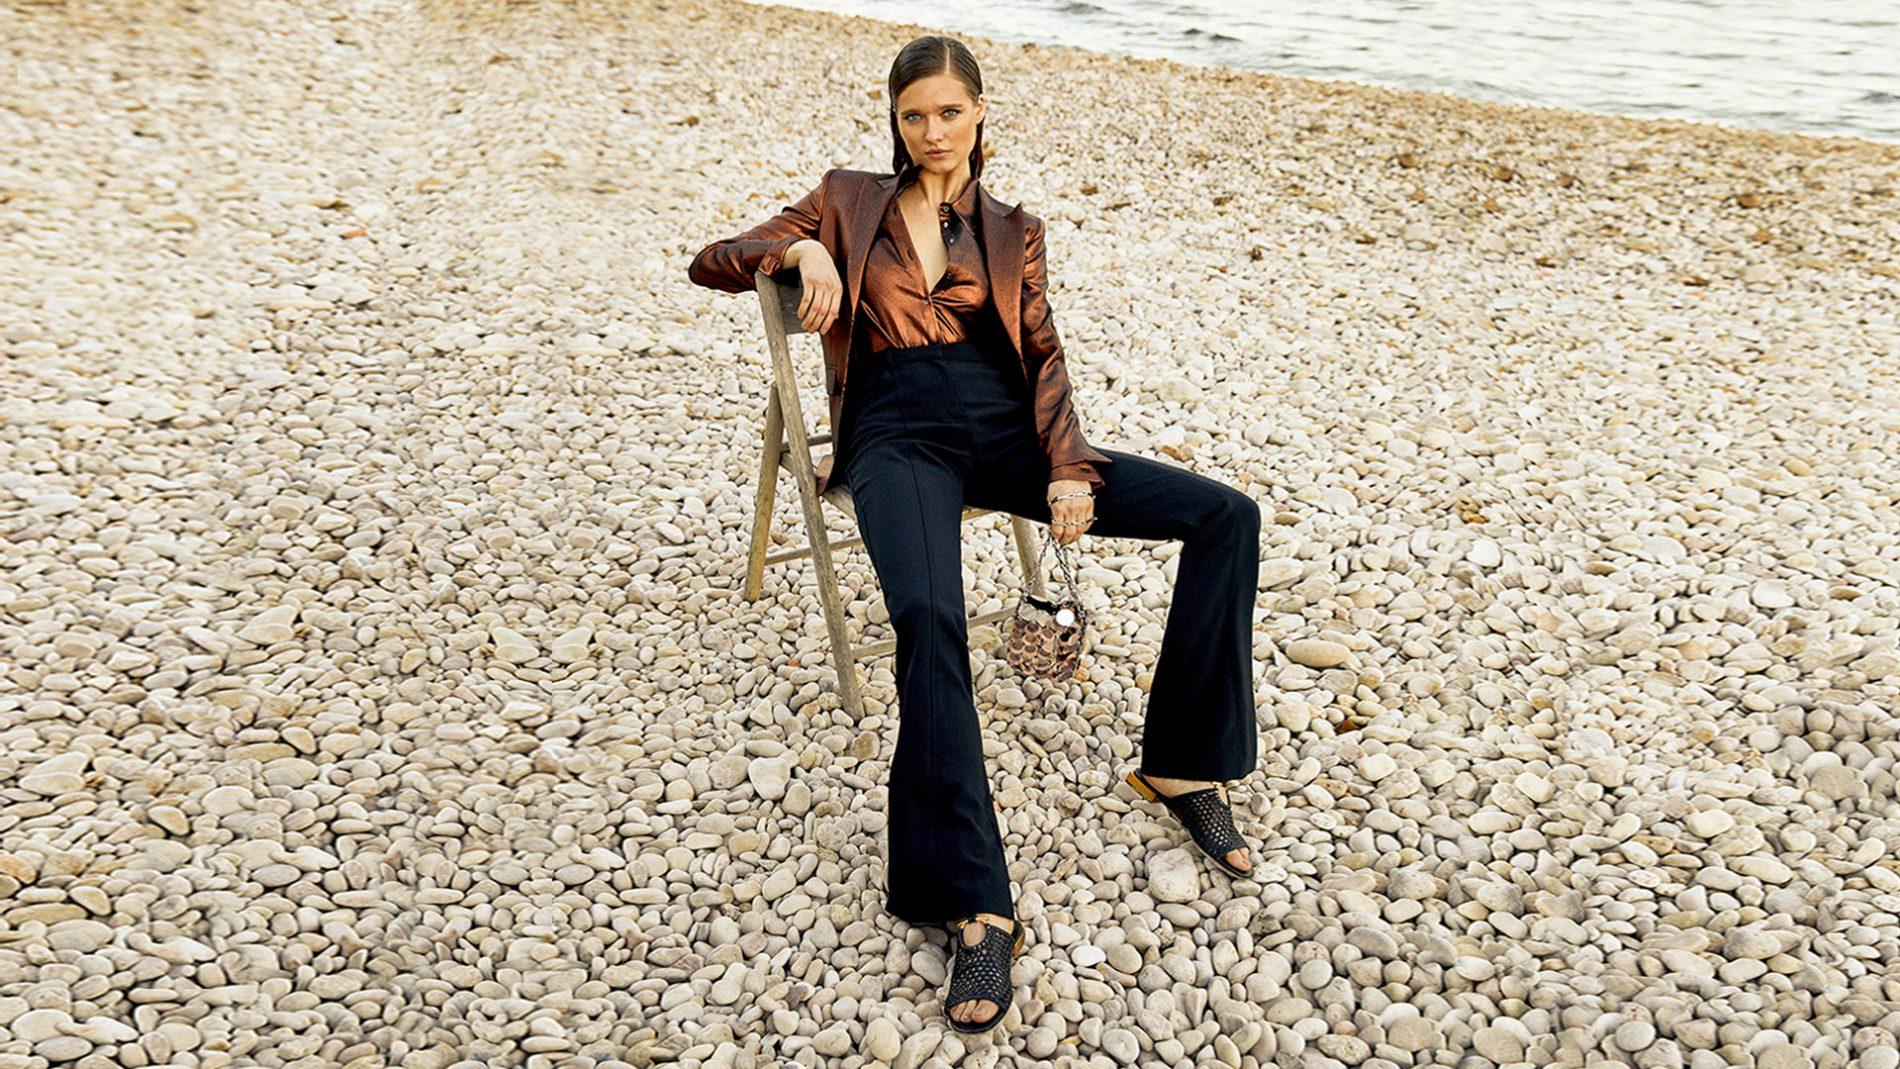 El Corte Inglés Ready-To-Wear Diseñador Bolsos Zapatos Victoria Beckham Ferragamo Paco Rabanne